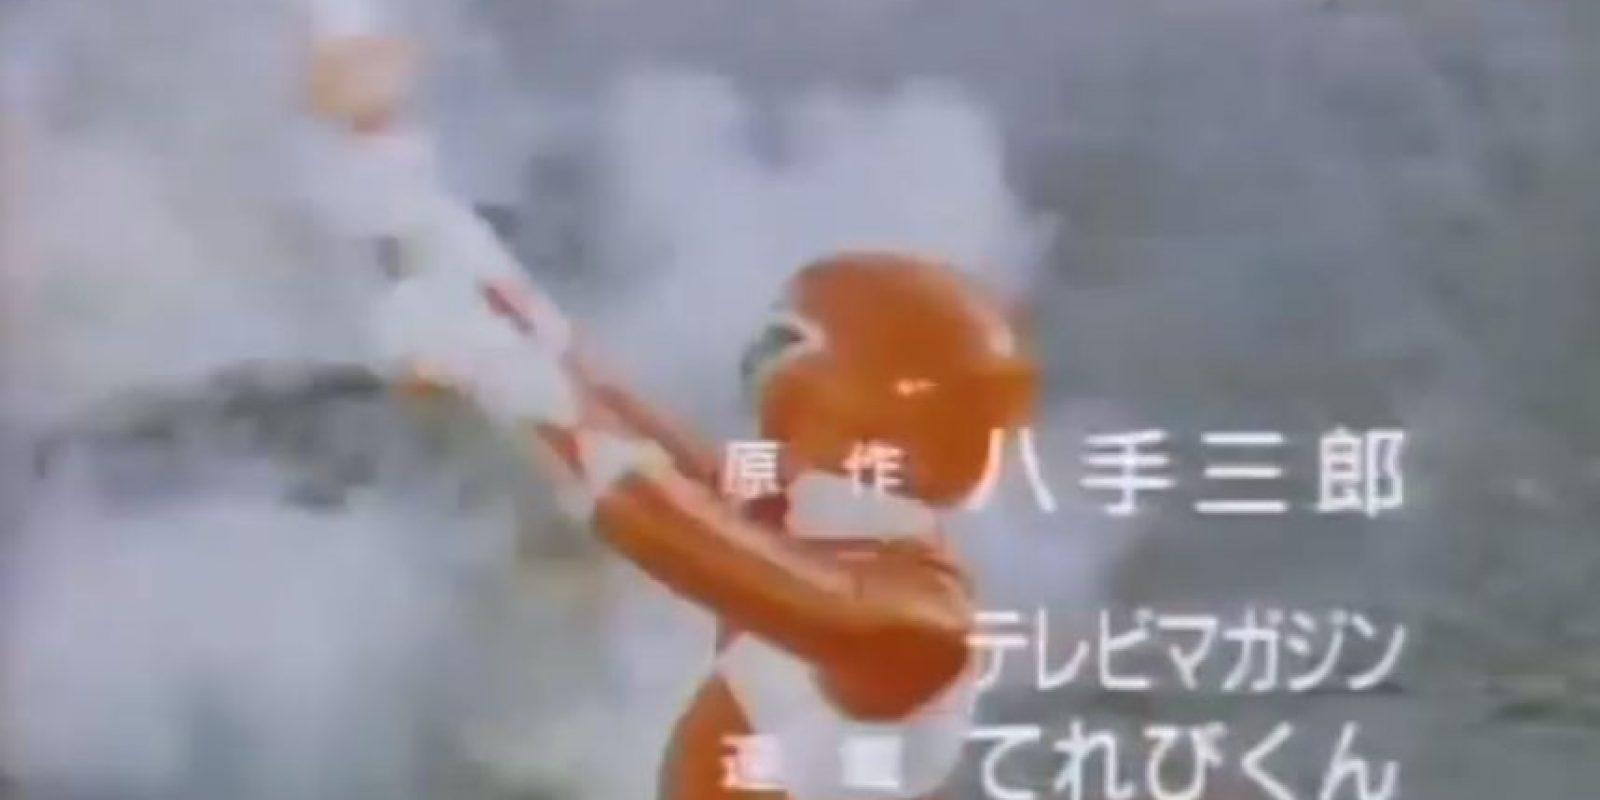 Y las mismas armas de uso personal Foto:Tv Asahi